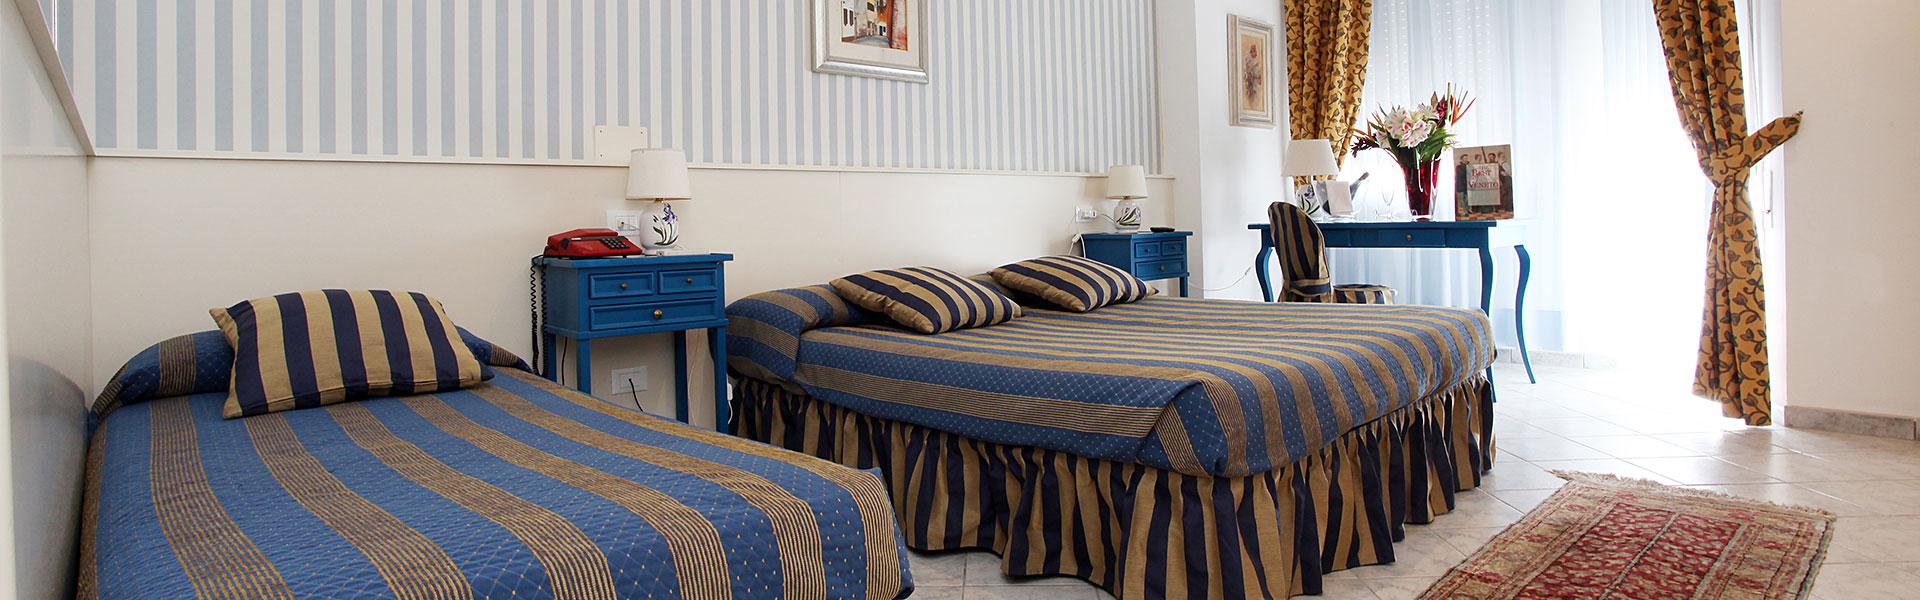 camere-hotel-jesolo